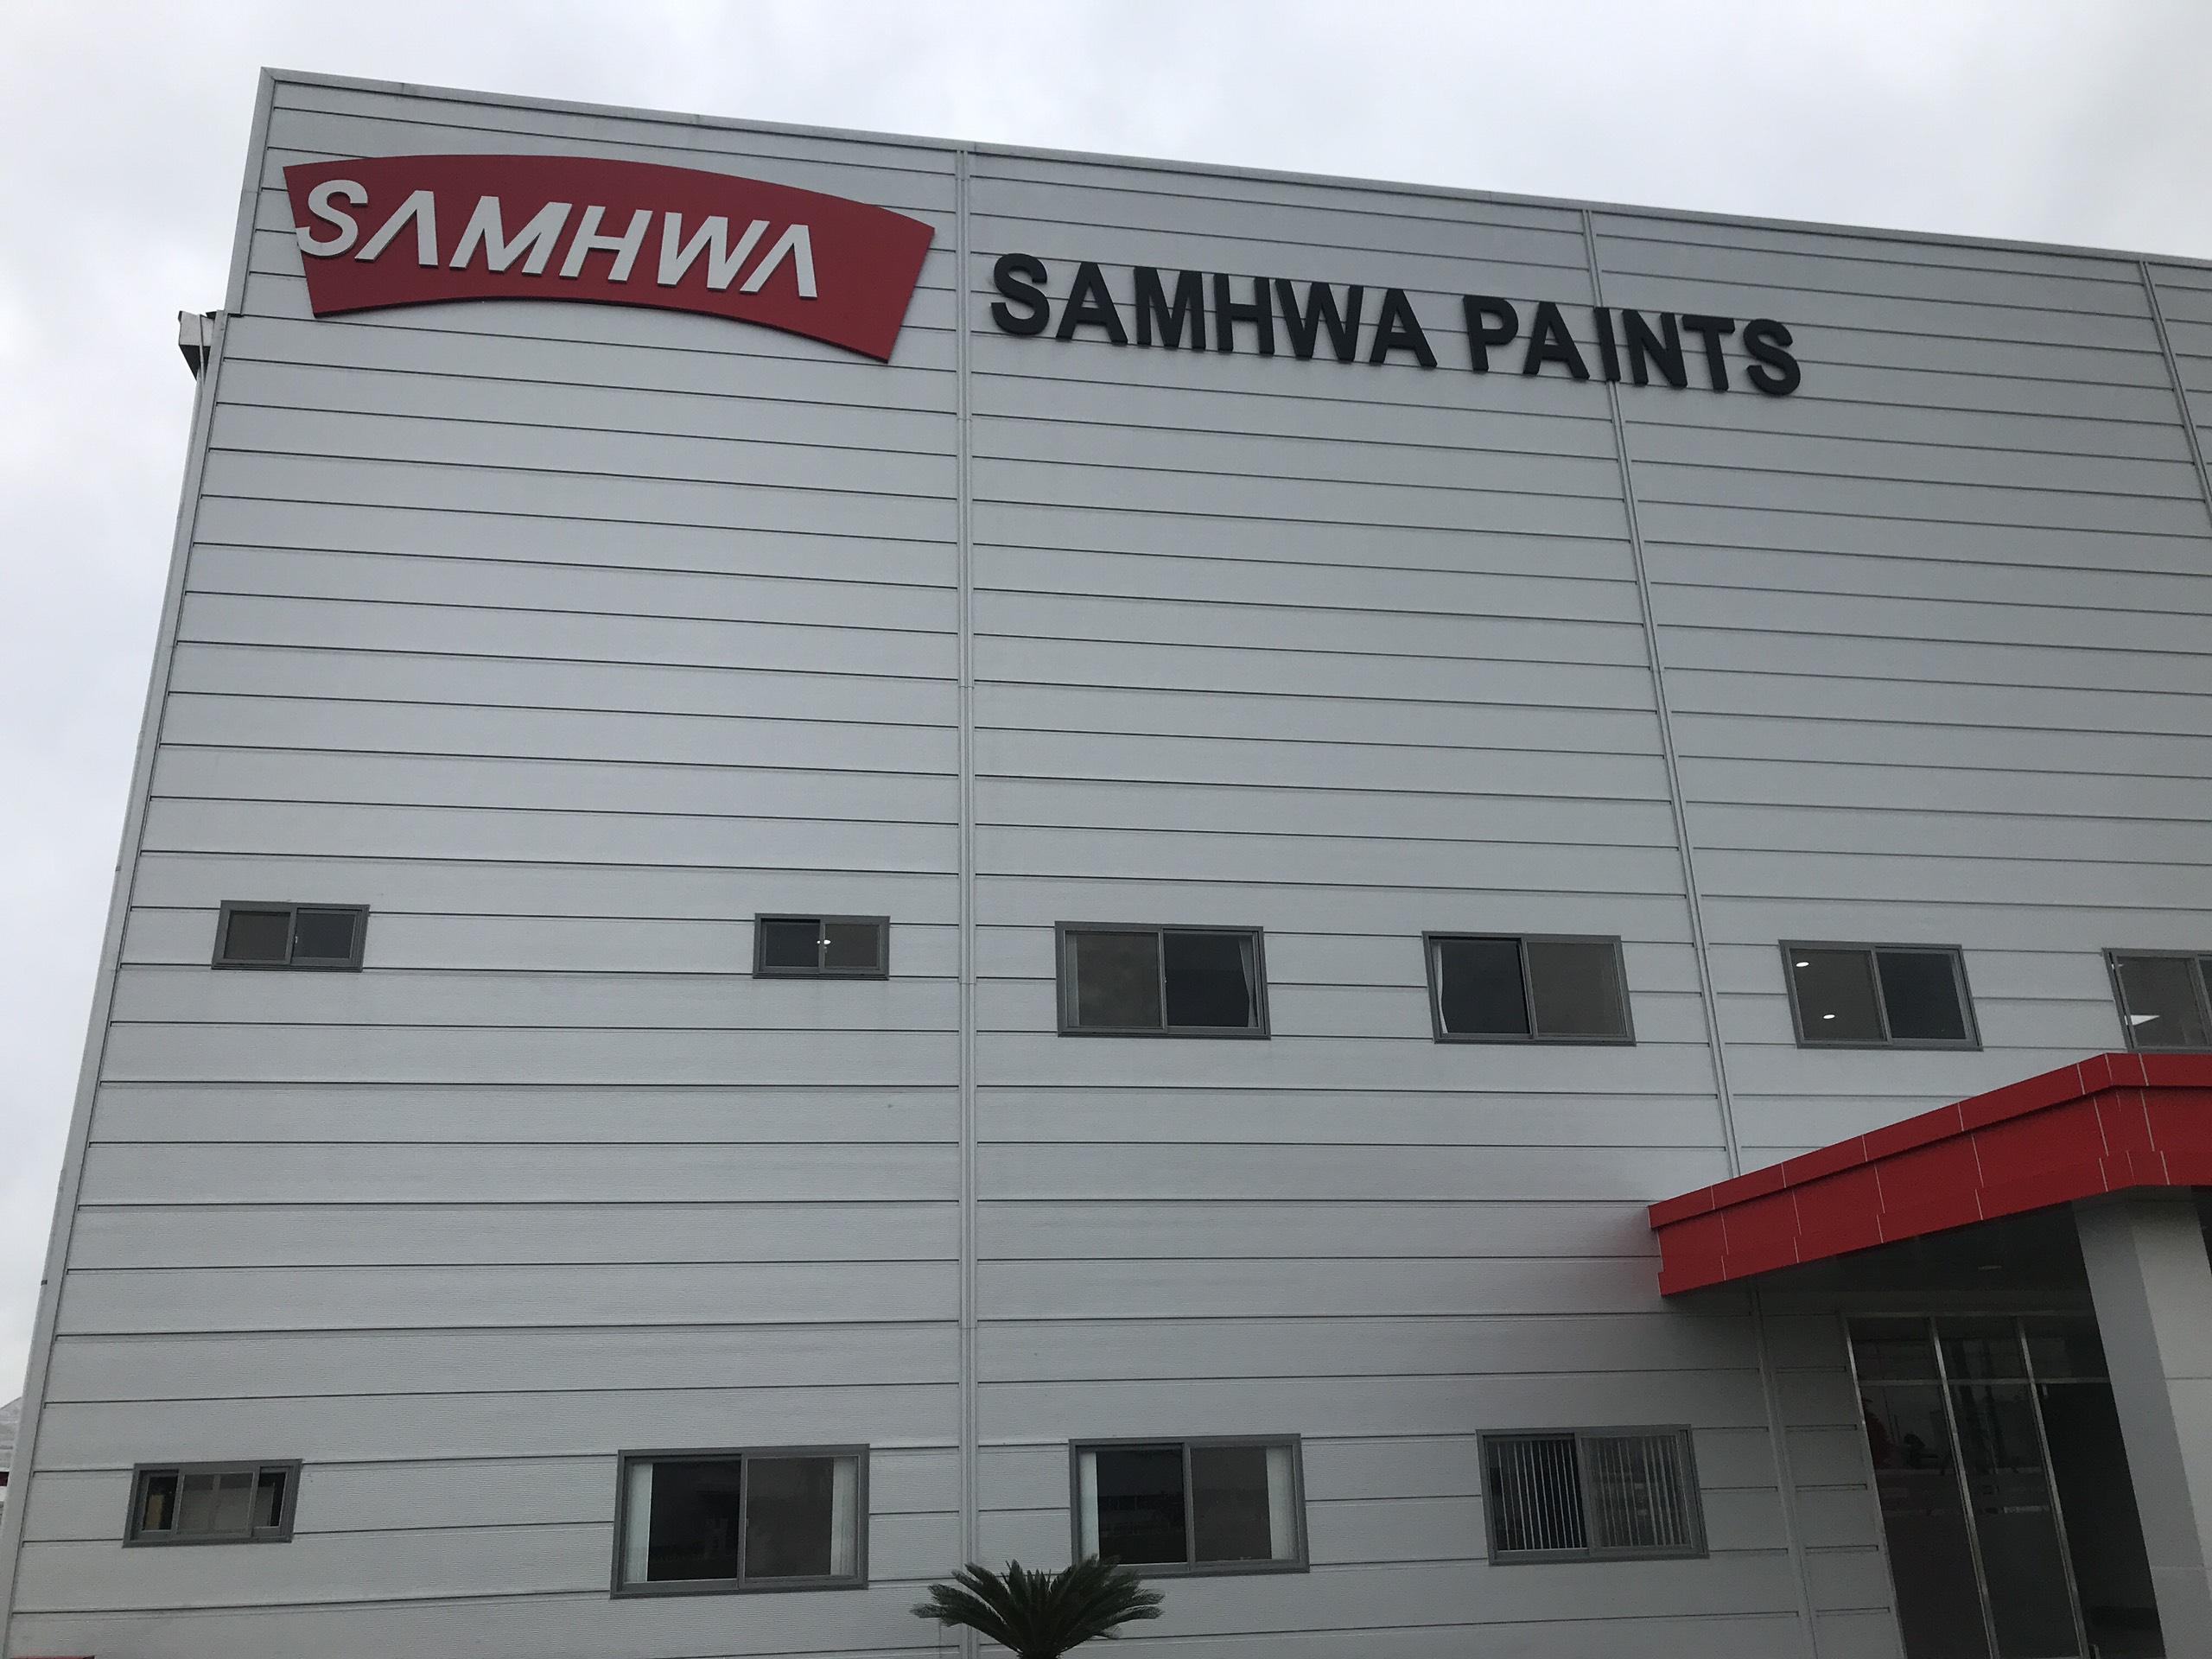 Sơn Samhwa( Samhwa paint)- Hãng sơn công nghiệp hàng đầu thế giới